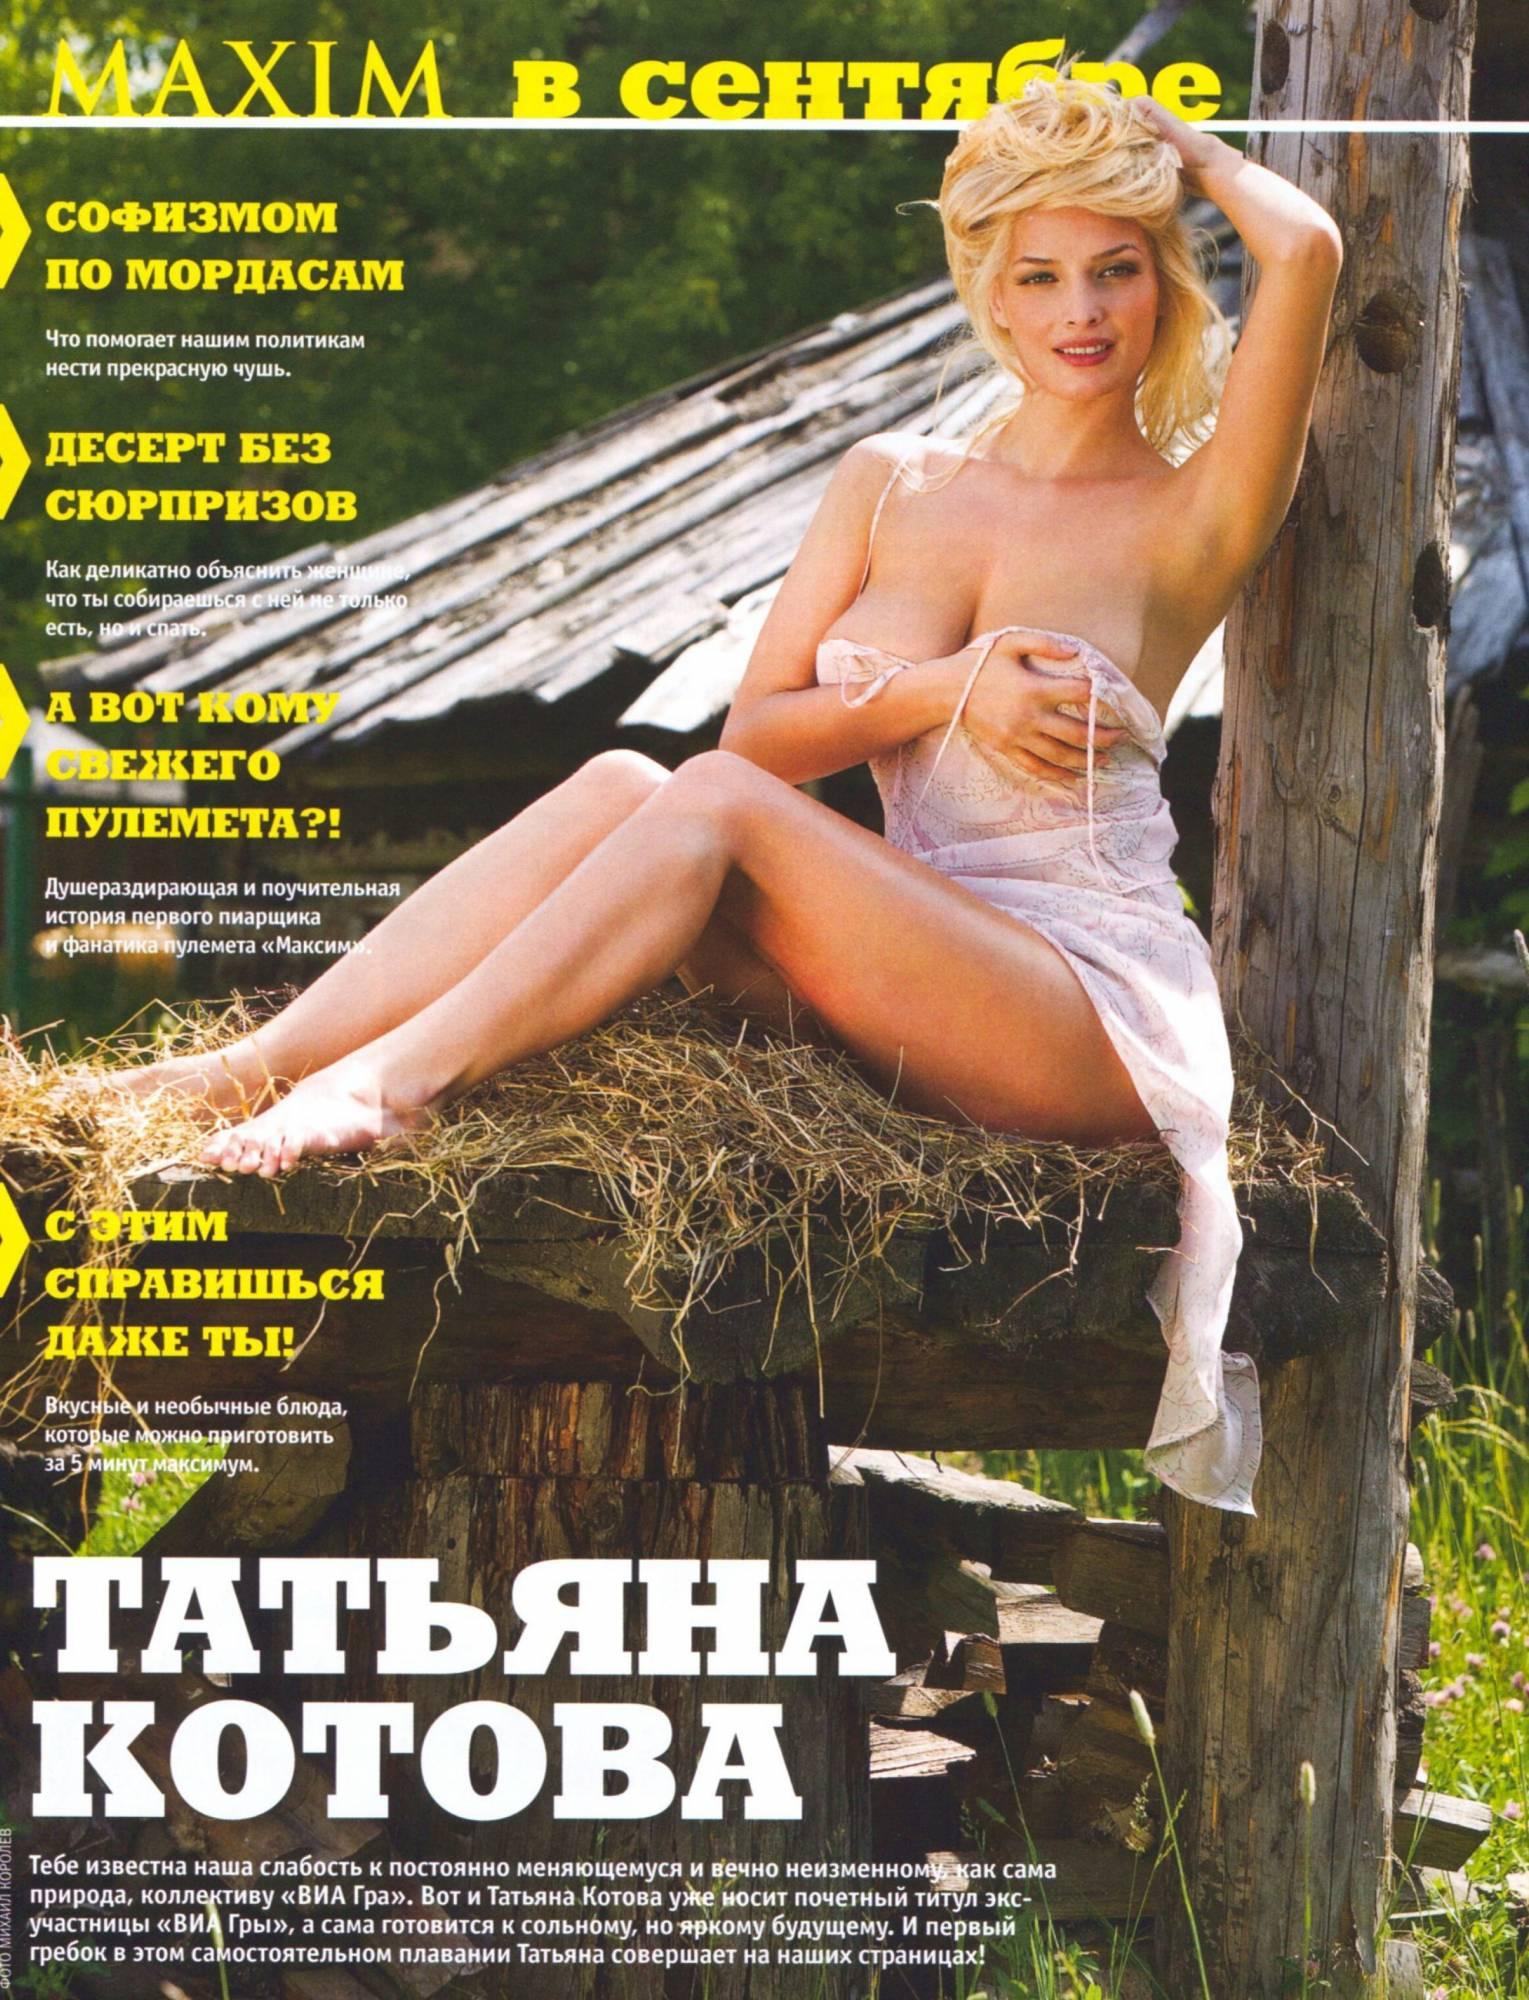 Список фото эротических сайтов 11 фотография